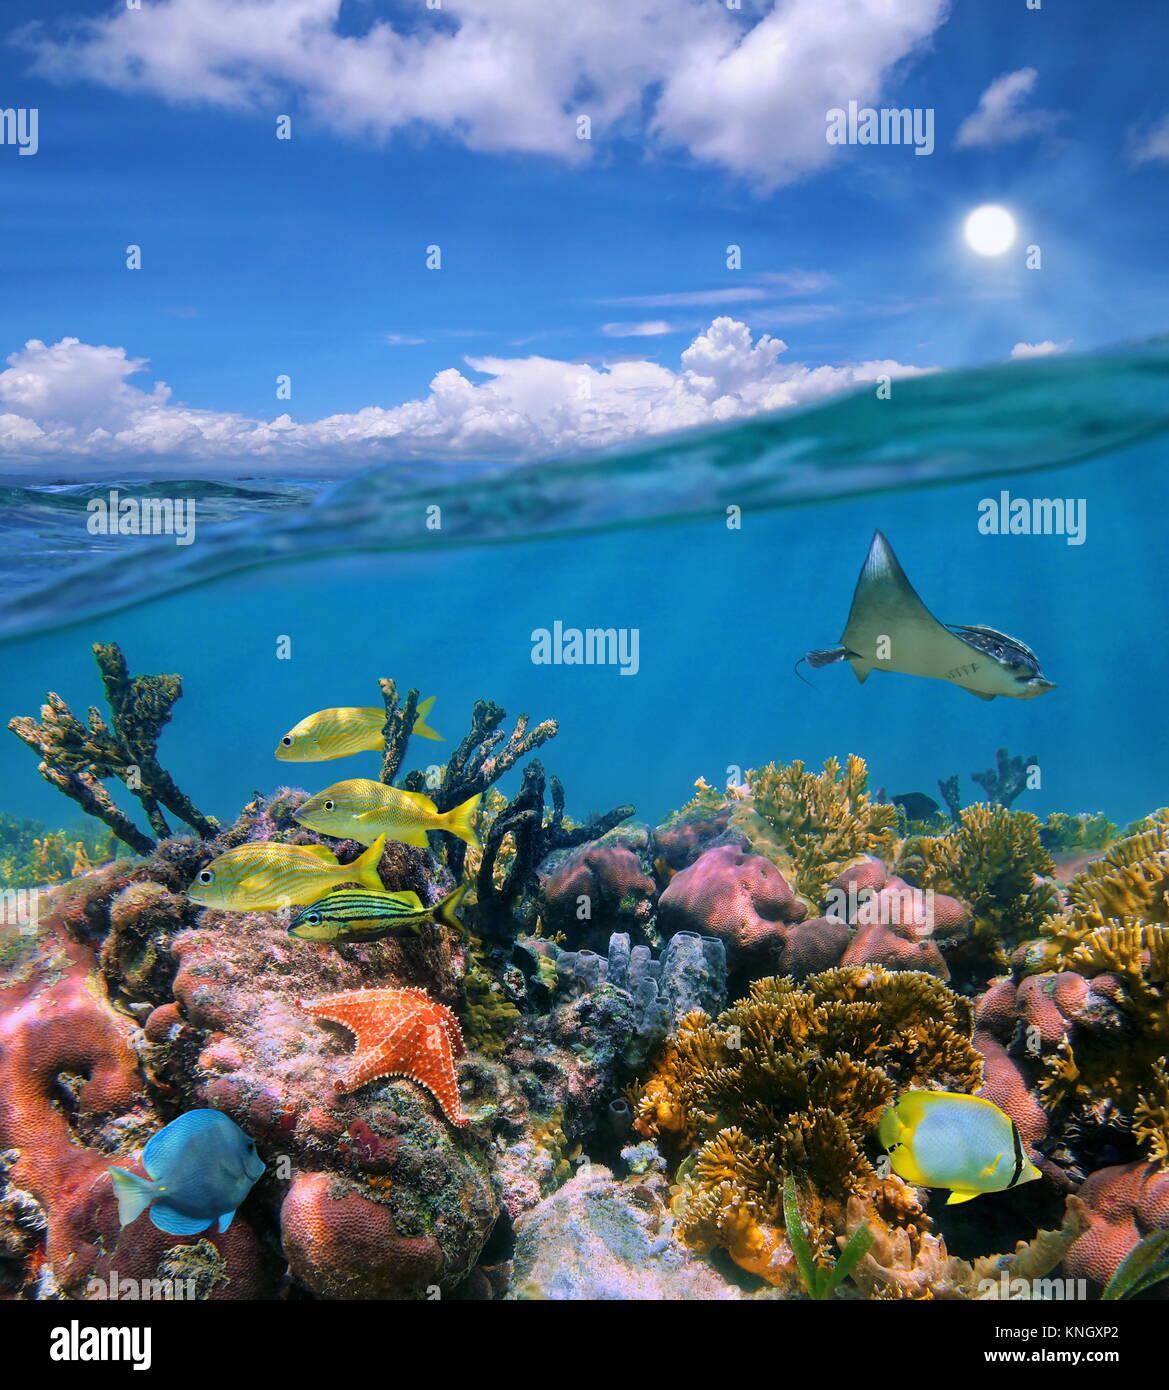 Seascape por encima y por debajo de la superficie del mar nublado cielo azul y coloridos arrecifes de coral con vida marina tropical bajo el agua, mar Caribe Foto de stock